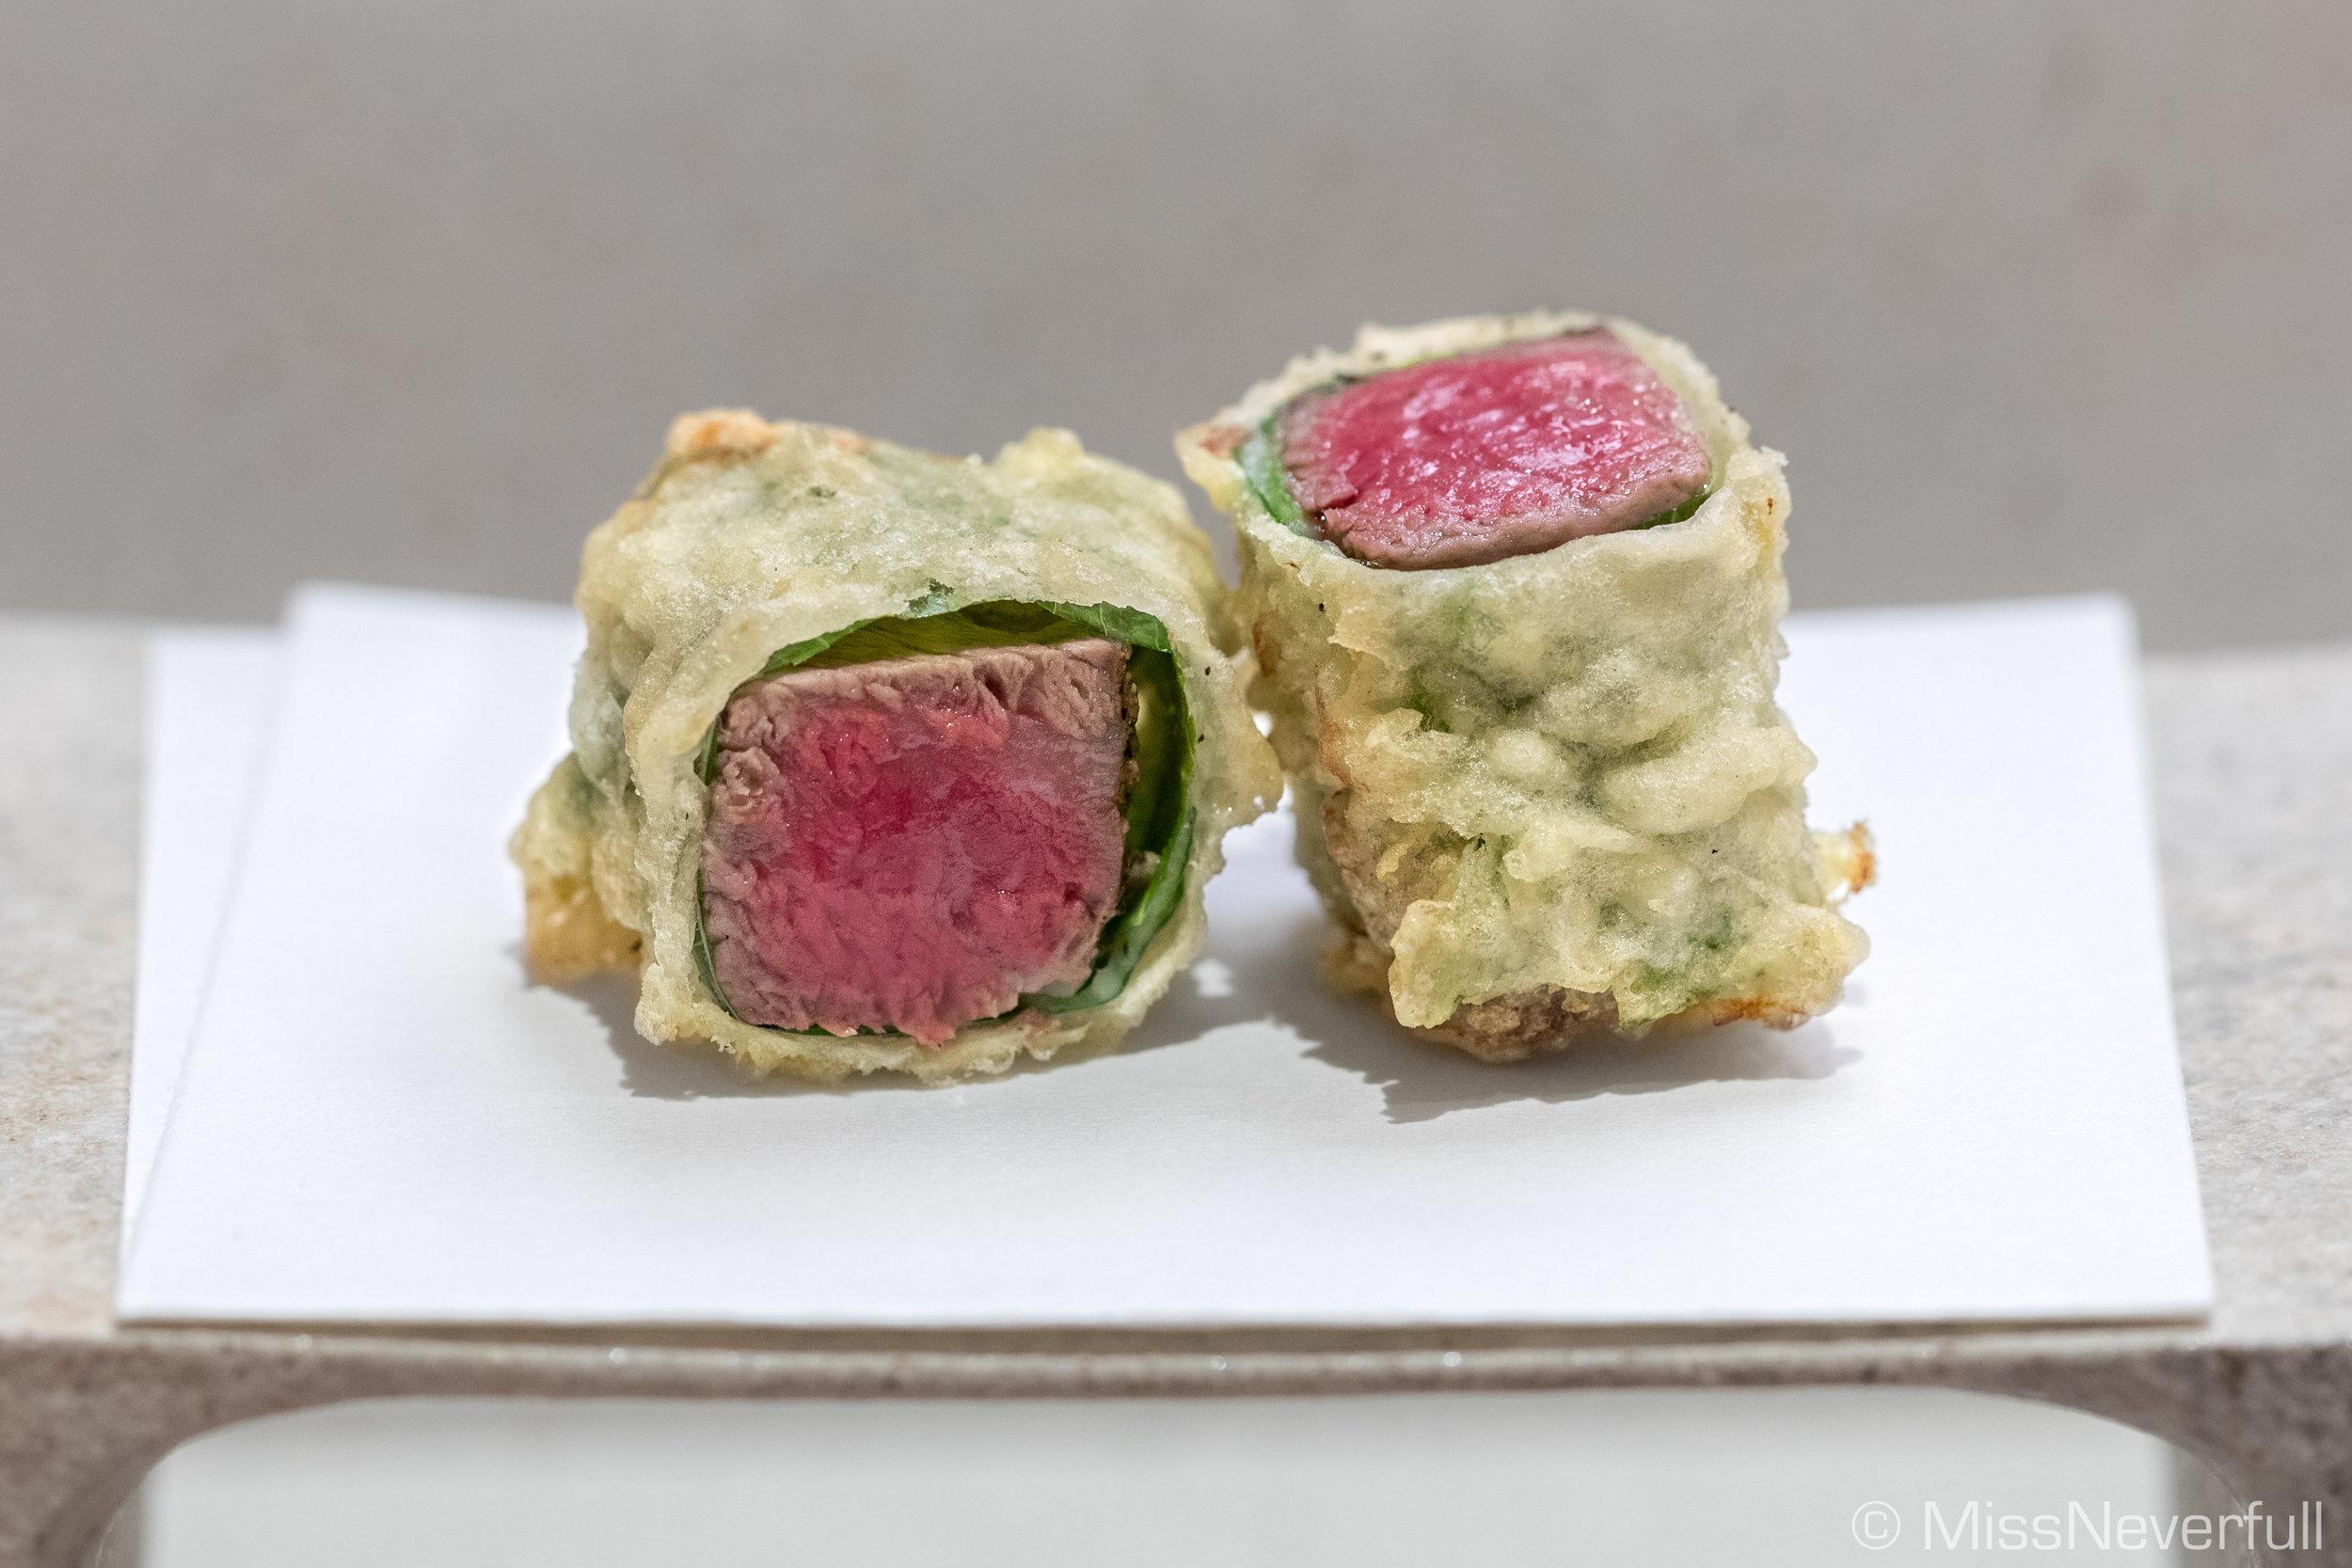 9. Kagoshima beef